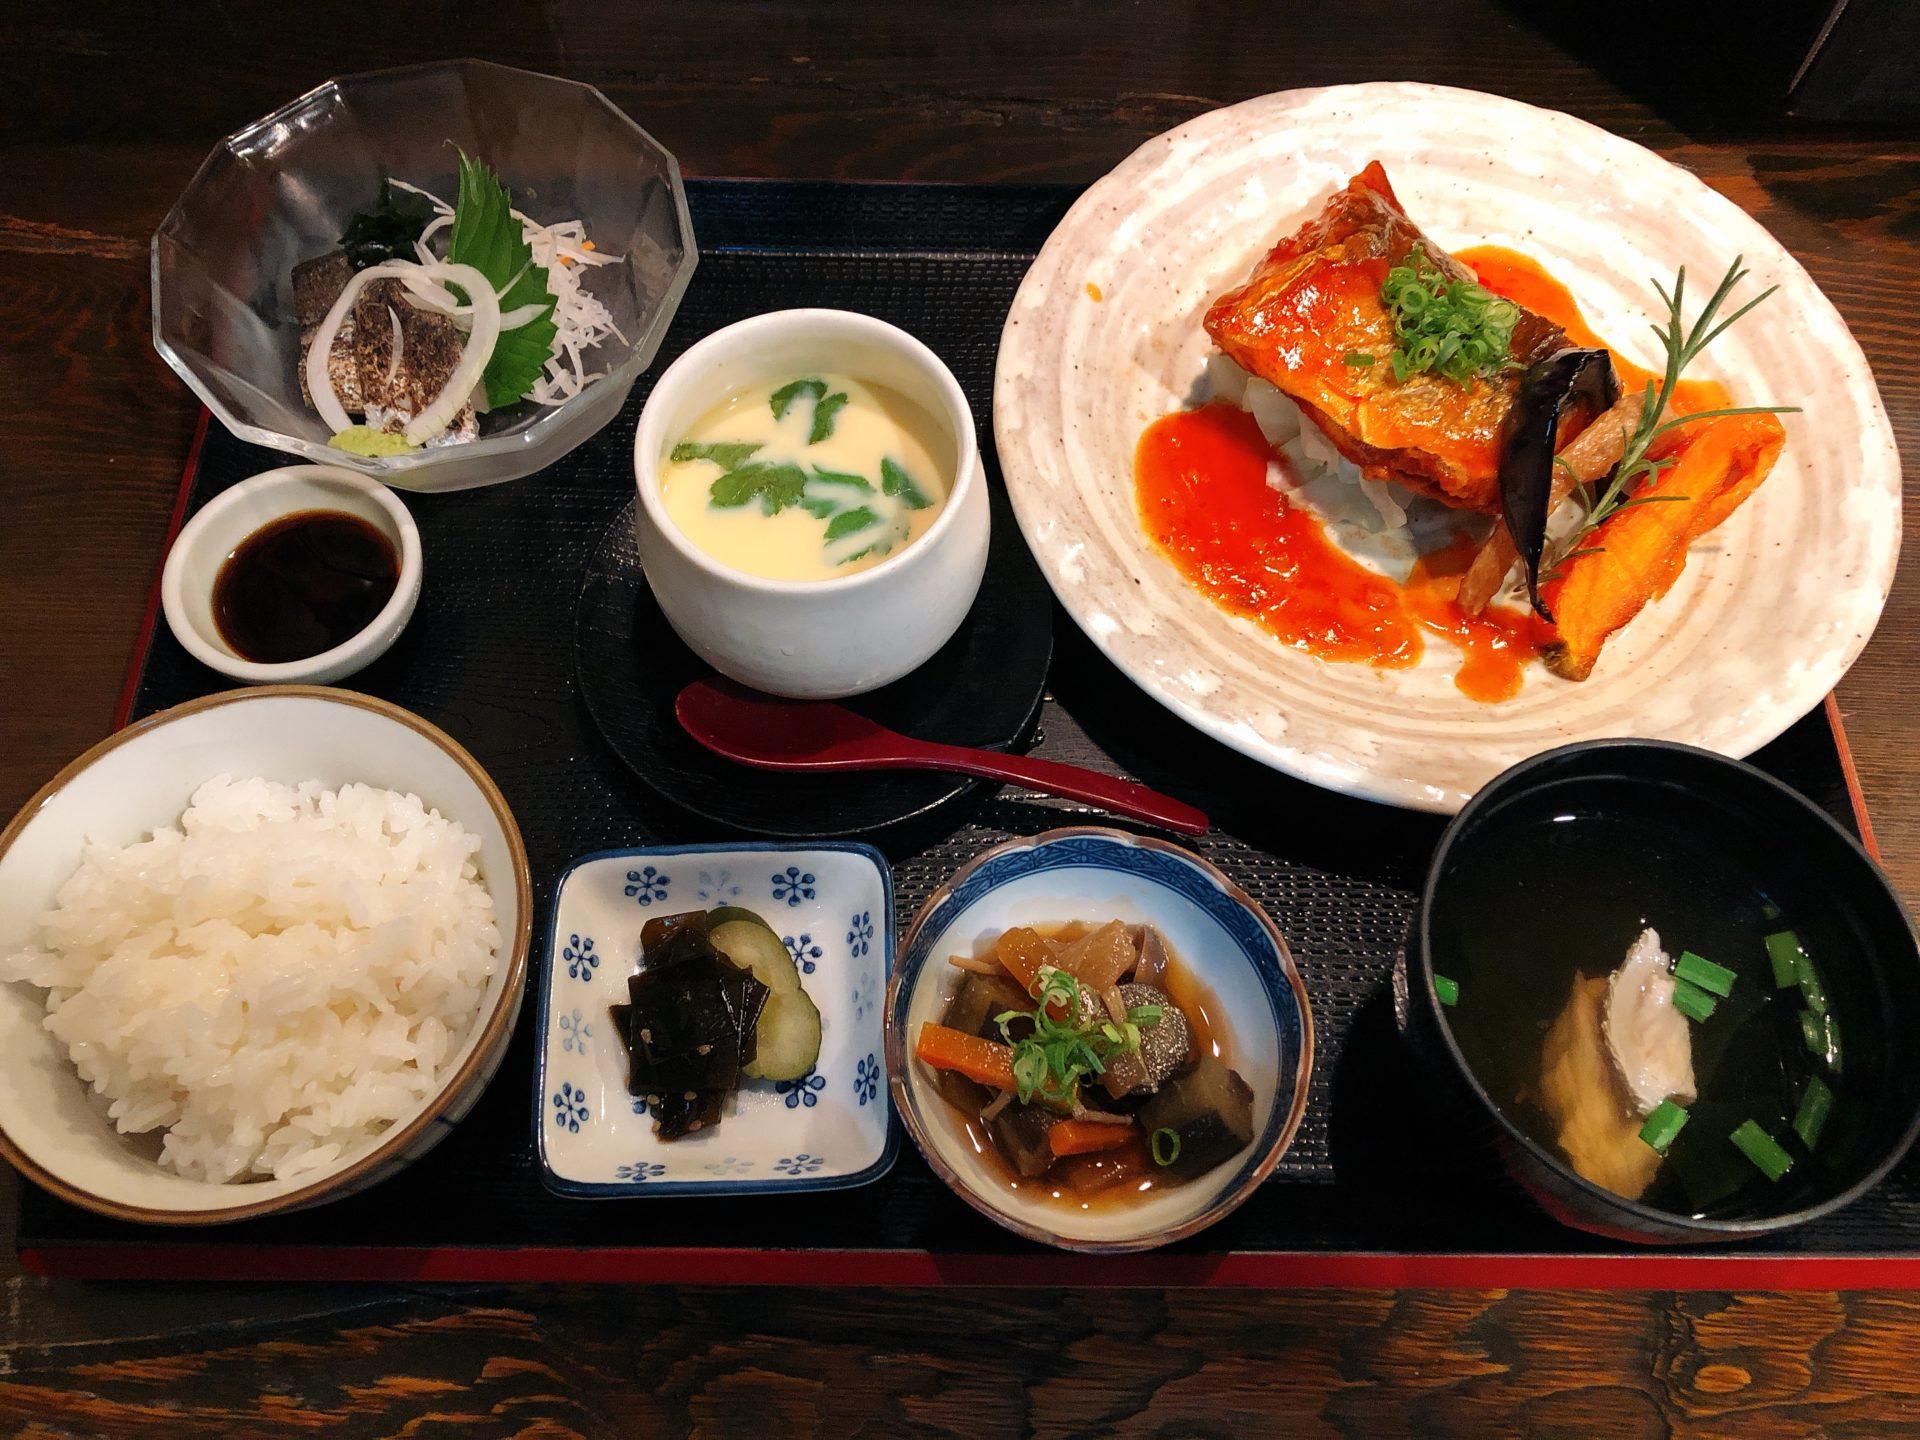 井原駅から徒歩4分!海鮮料理の店 魚家 のお昼は、限定ランチと海鮮丼が大人気!開店前には並ぶことも!!